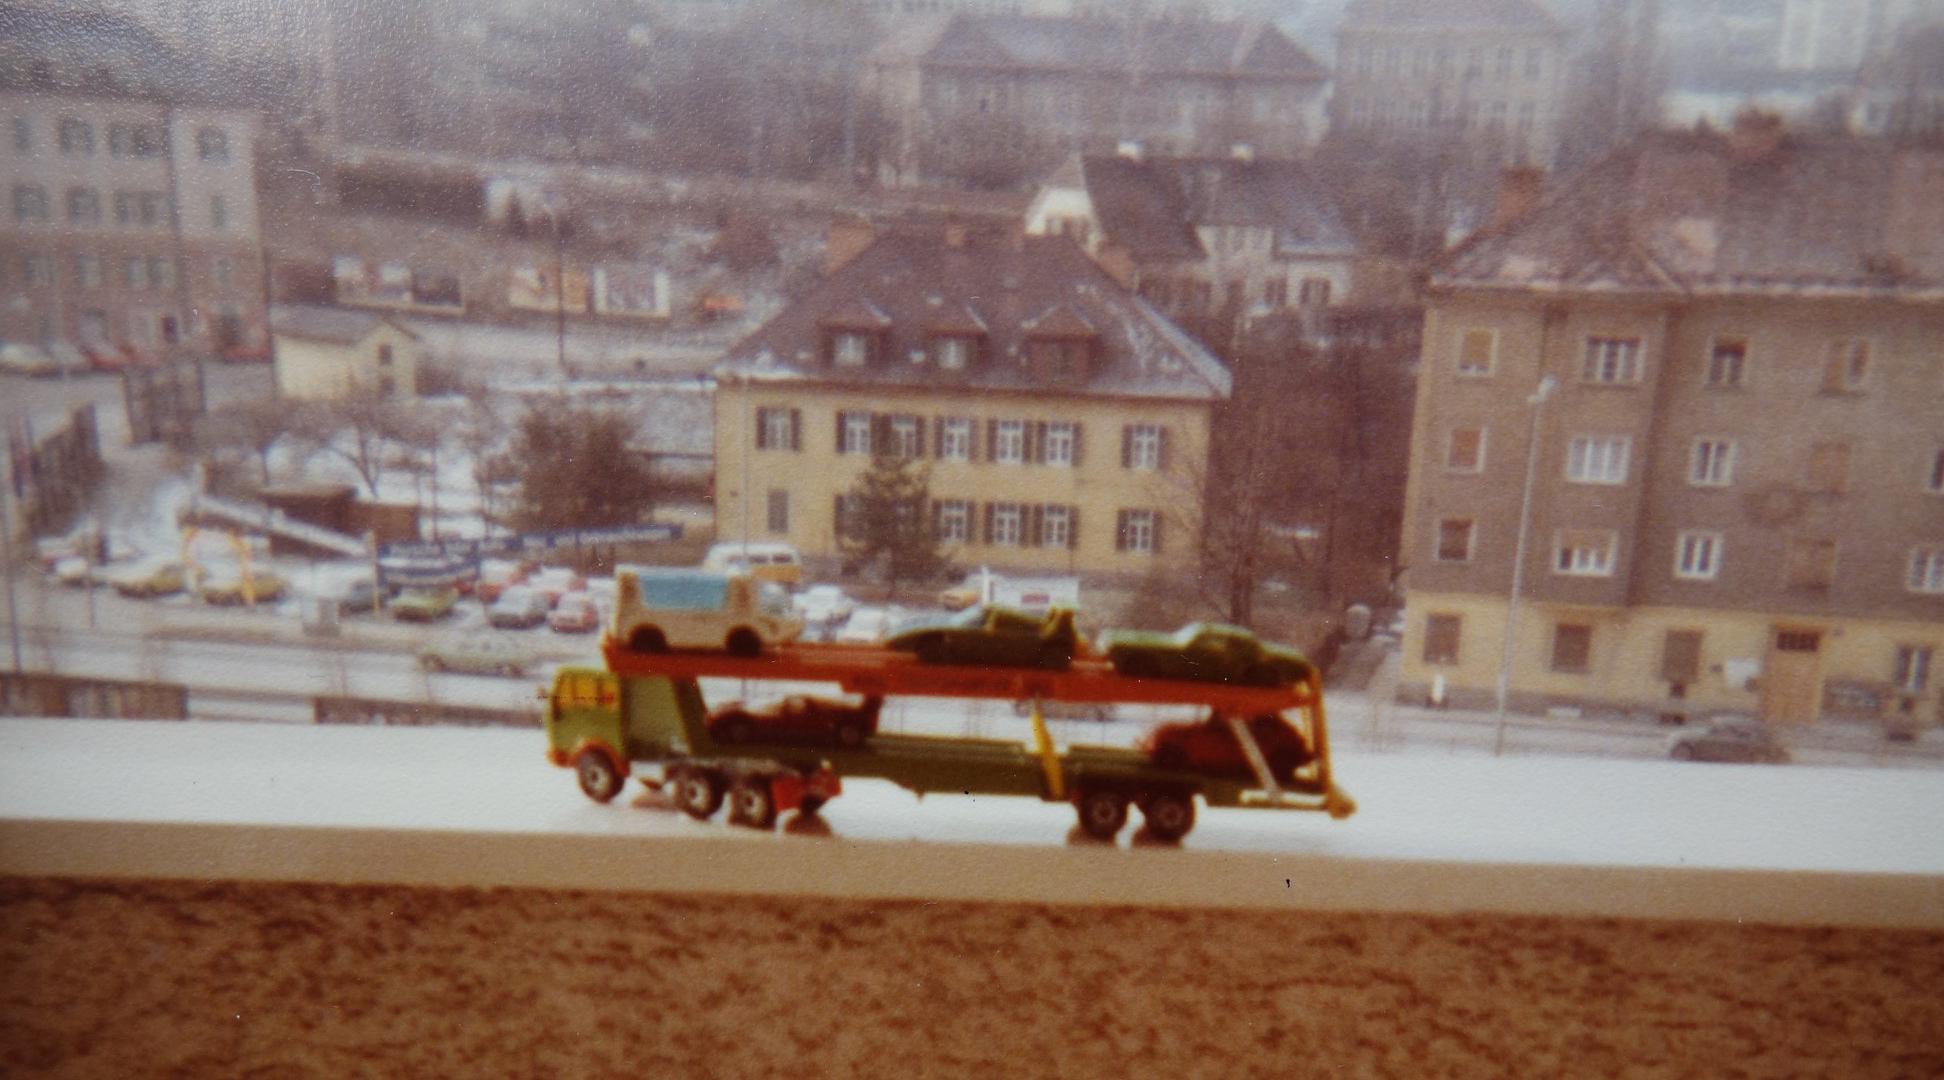 Foto: Wienerstraße/Ecke Ibererstraße, 1977 © Christian Zaic